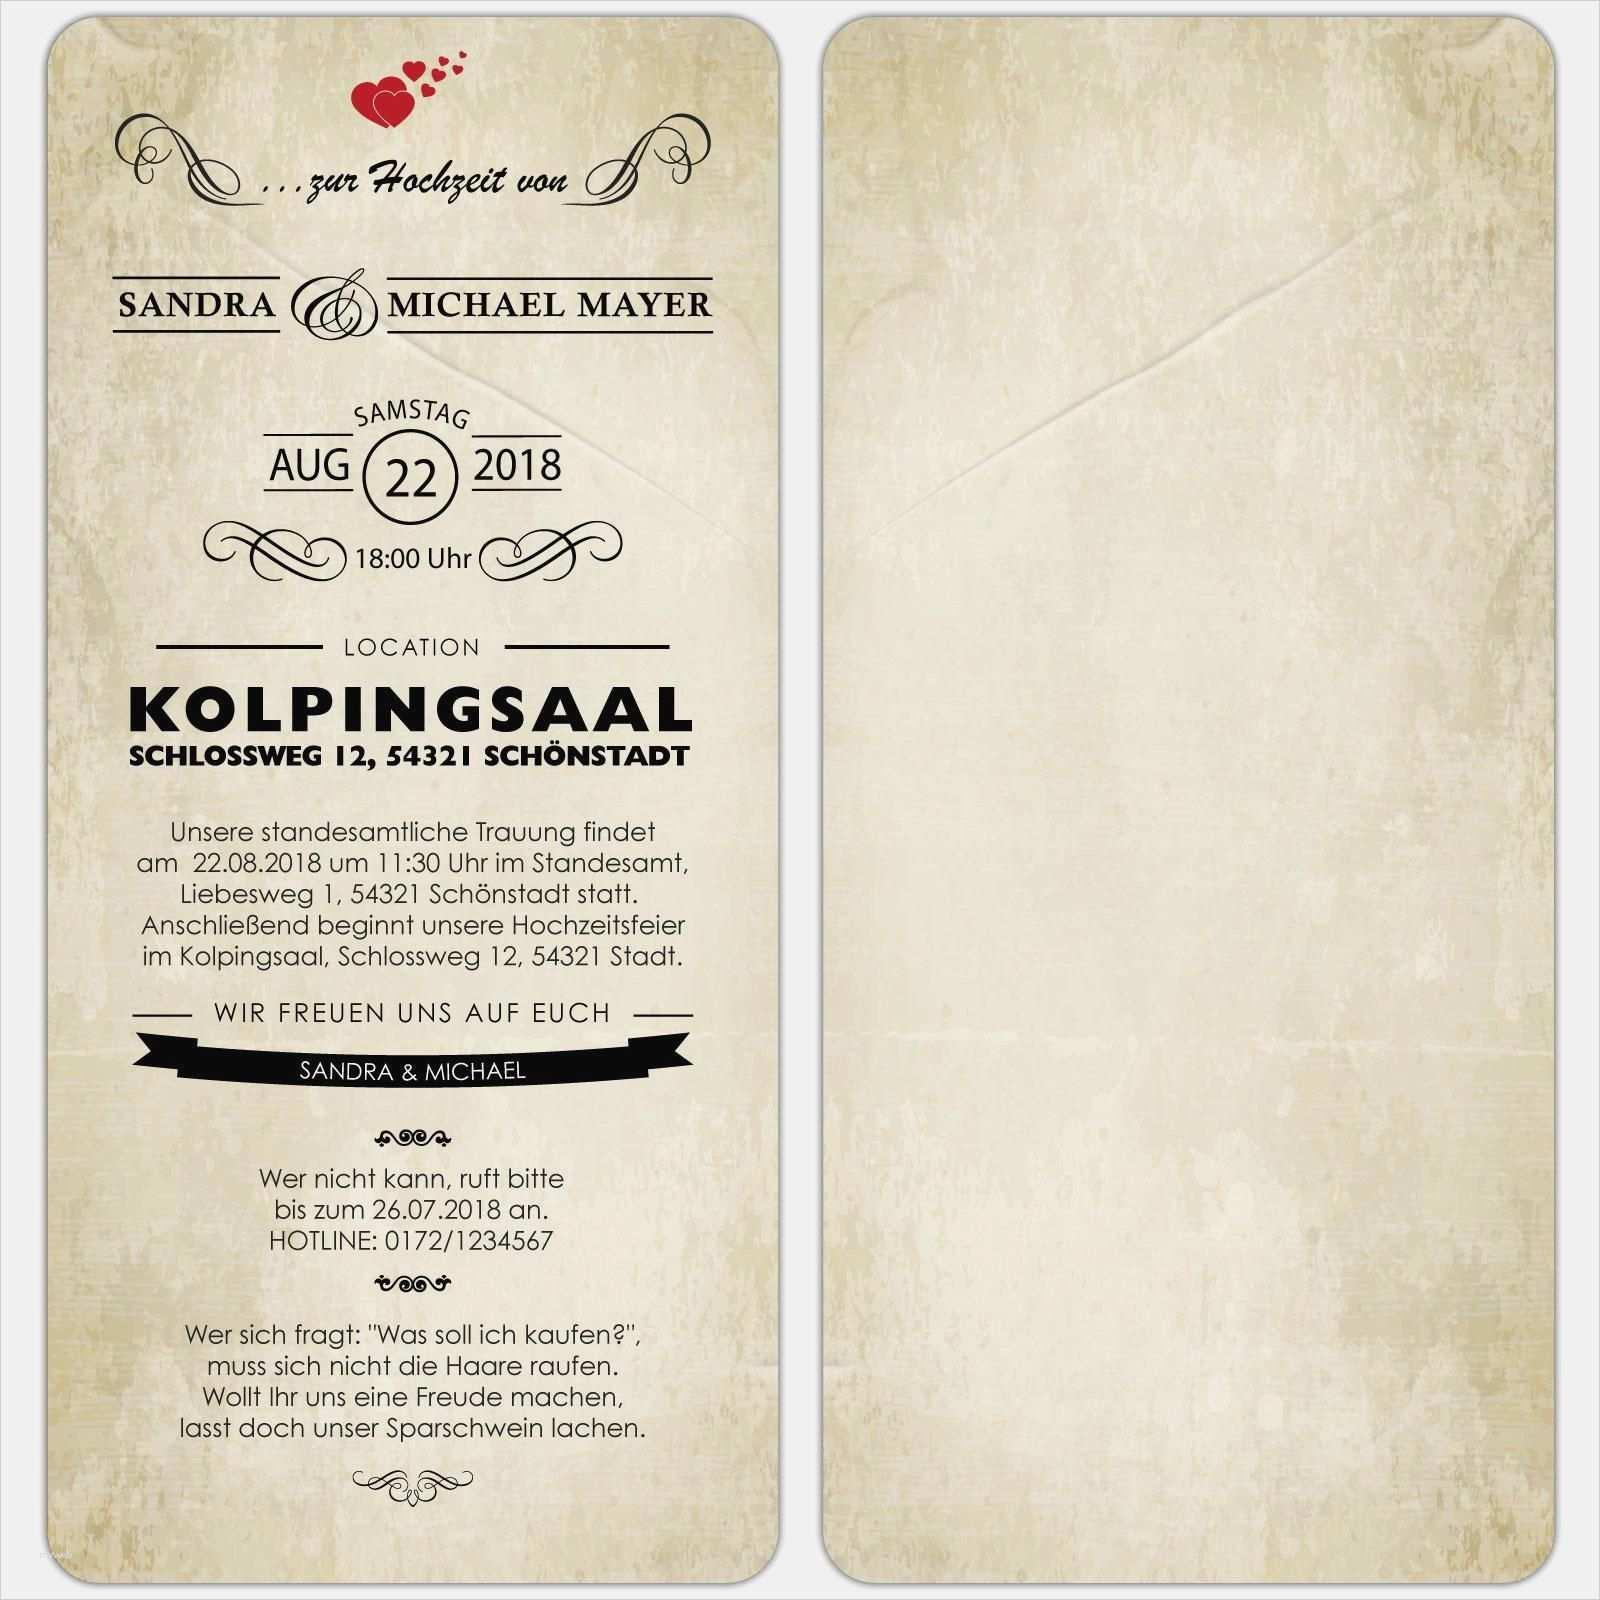 Text Einladung Hochzeit Englisch Text Einladung Hochzeit Einfach Text Einladung H Einladungskarten Hochzeit Text Einladungskarten Hochzeit Einladungen Hochzeit